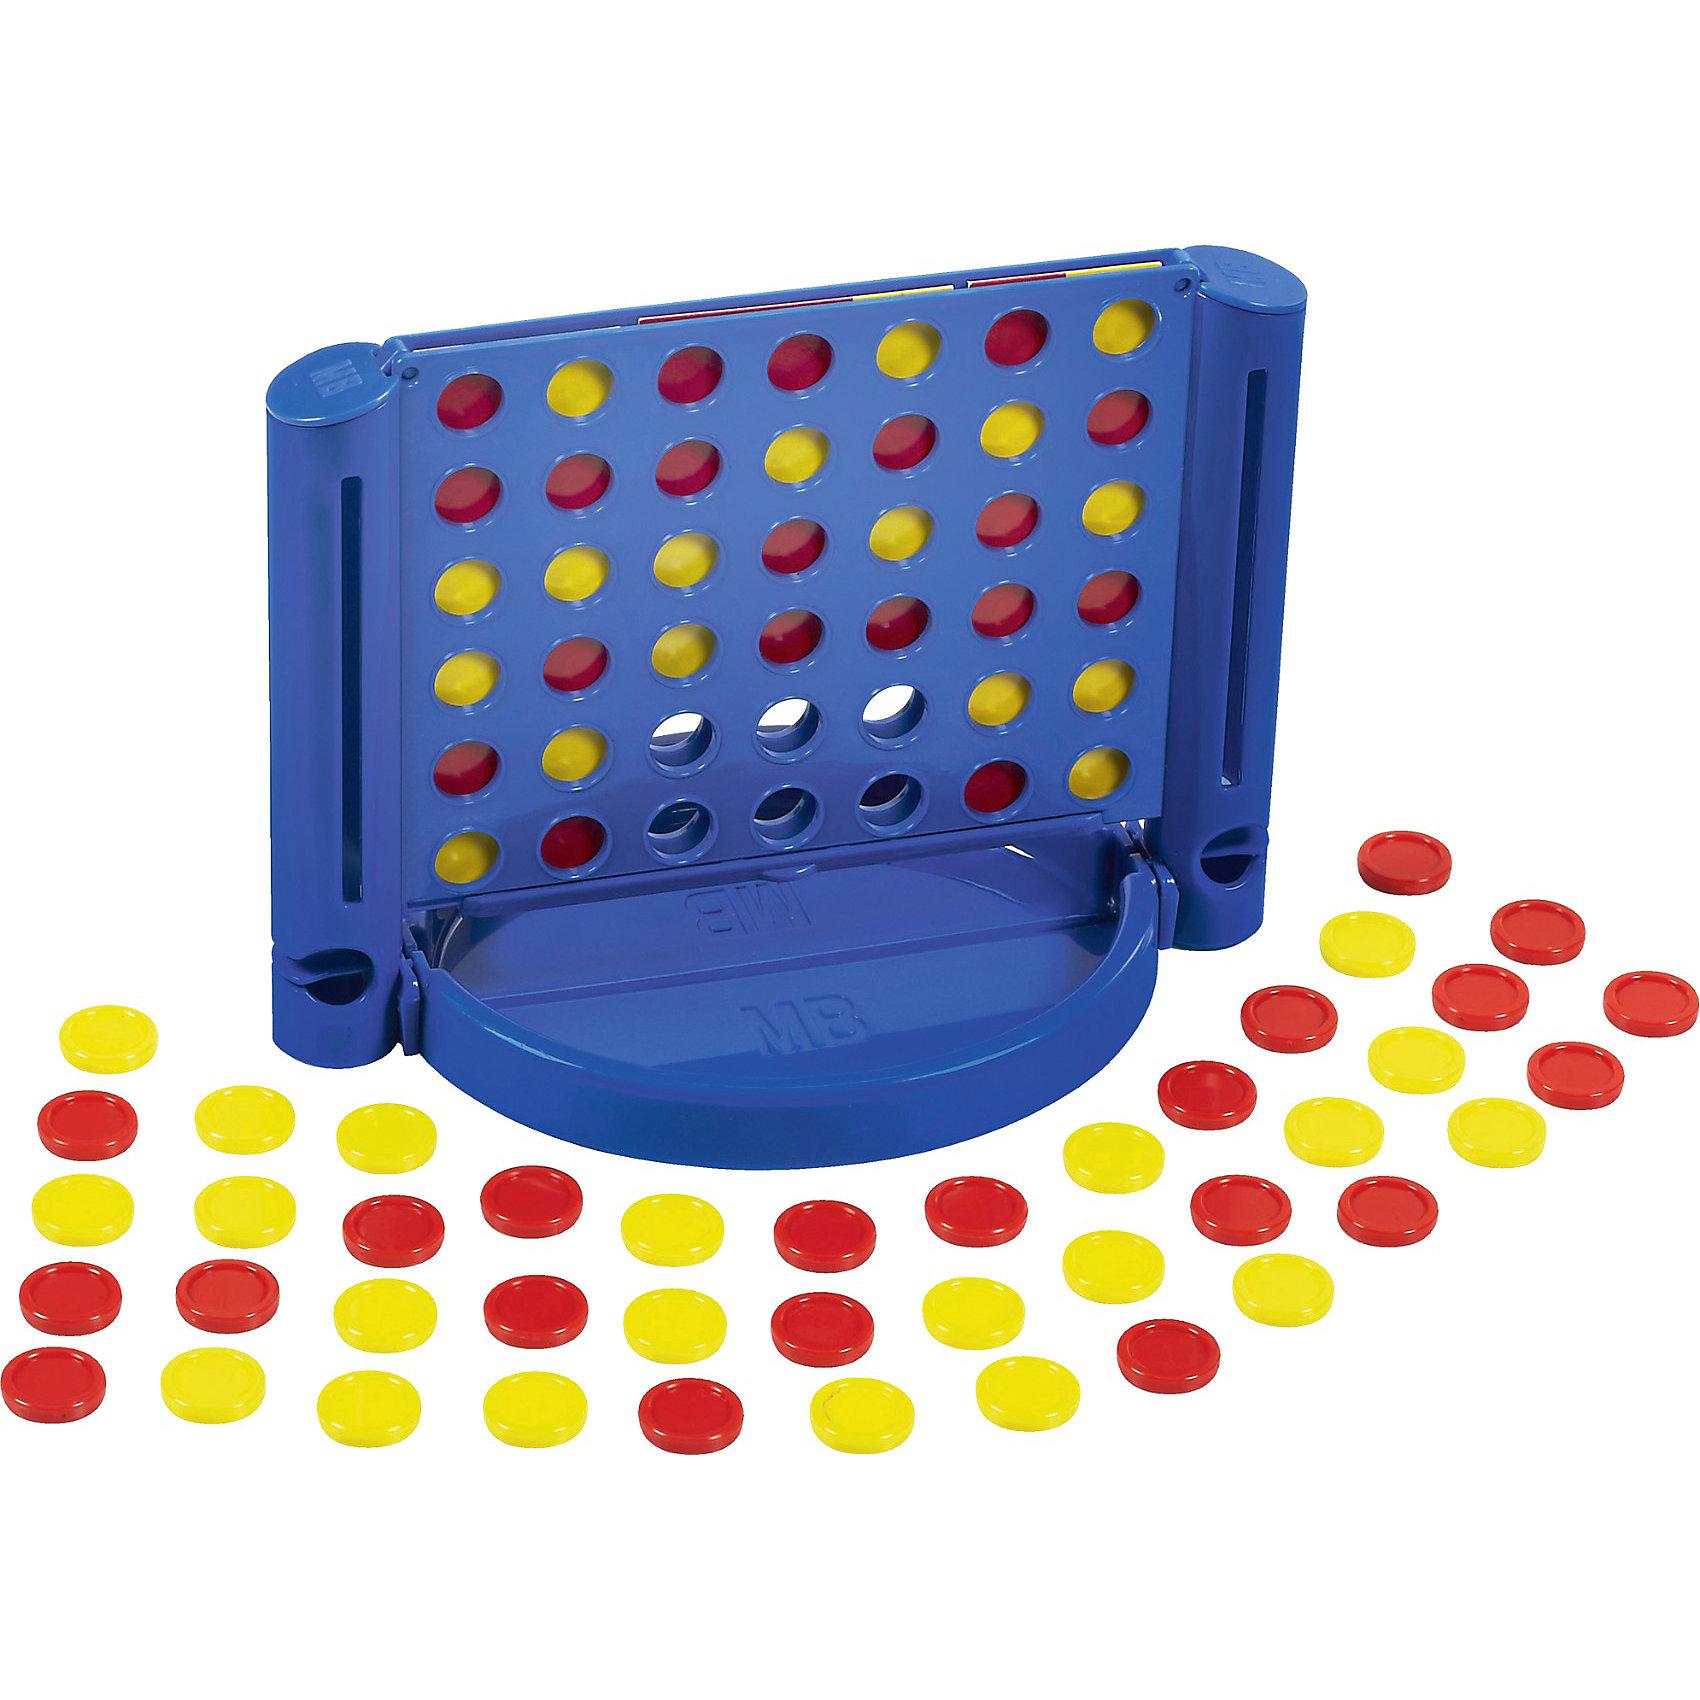 Игра Собери 4 (дорожная версия), HasbroИграй где угодно, играй когда угодно, играй с кем угодно. Нужно собрать четыре фишки в ряд, по горизонтали, вертикали или диагонали, бросая их по очереди в решетку. Победит тот, кто быстрее соберет линию. Компактная дорожная версия популярной игры в удобной упаковке. Игра развивает логику, внимательность, мелкую моторику, мышление. <br><br>Дополнительная информация:<br><br>- Материал: пластик.<br>- Комплектация: игровое поле, красные фишки - 21 шт, желтые фишки - 21 шт, инструкция. <br>- Размер игрового поля: 18x13x11,5 см.<br>- Размер фишки: d-1,5 см.<br>- Количество игроков: 2 человека.<br><br>Игру Собери 4 (дорожная версия), Hasbro можно купить в нашем магазине.<br><br>Ширина мм: 48<br>Глубина мм: 159<br>Высота мм: 235<br>Вес г: 277<br>Возраст от месяцев: 72<br>Возраст до месяцев: 192<br>Пол: Унисекс<br>Возраст: Детский<br>SKU: 3936411